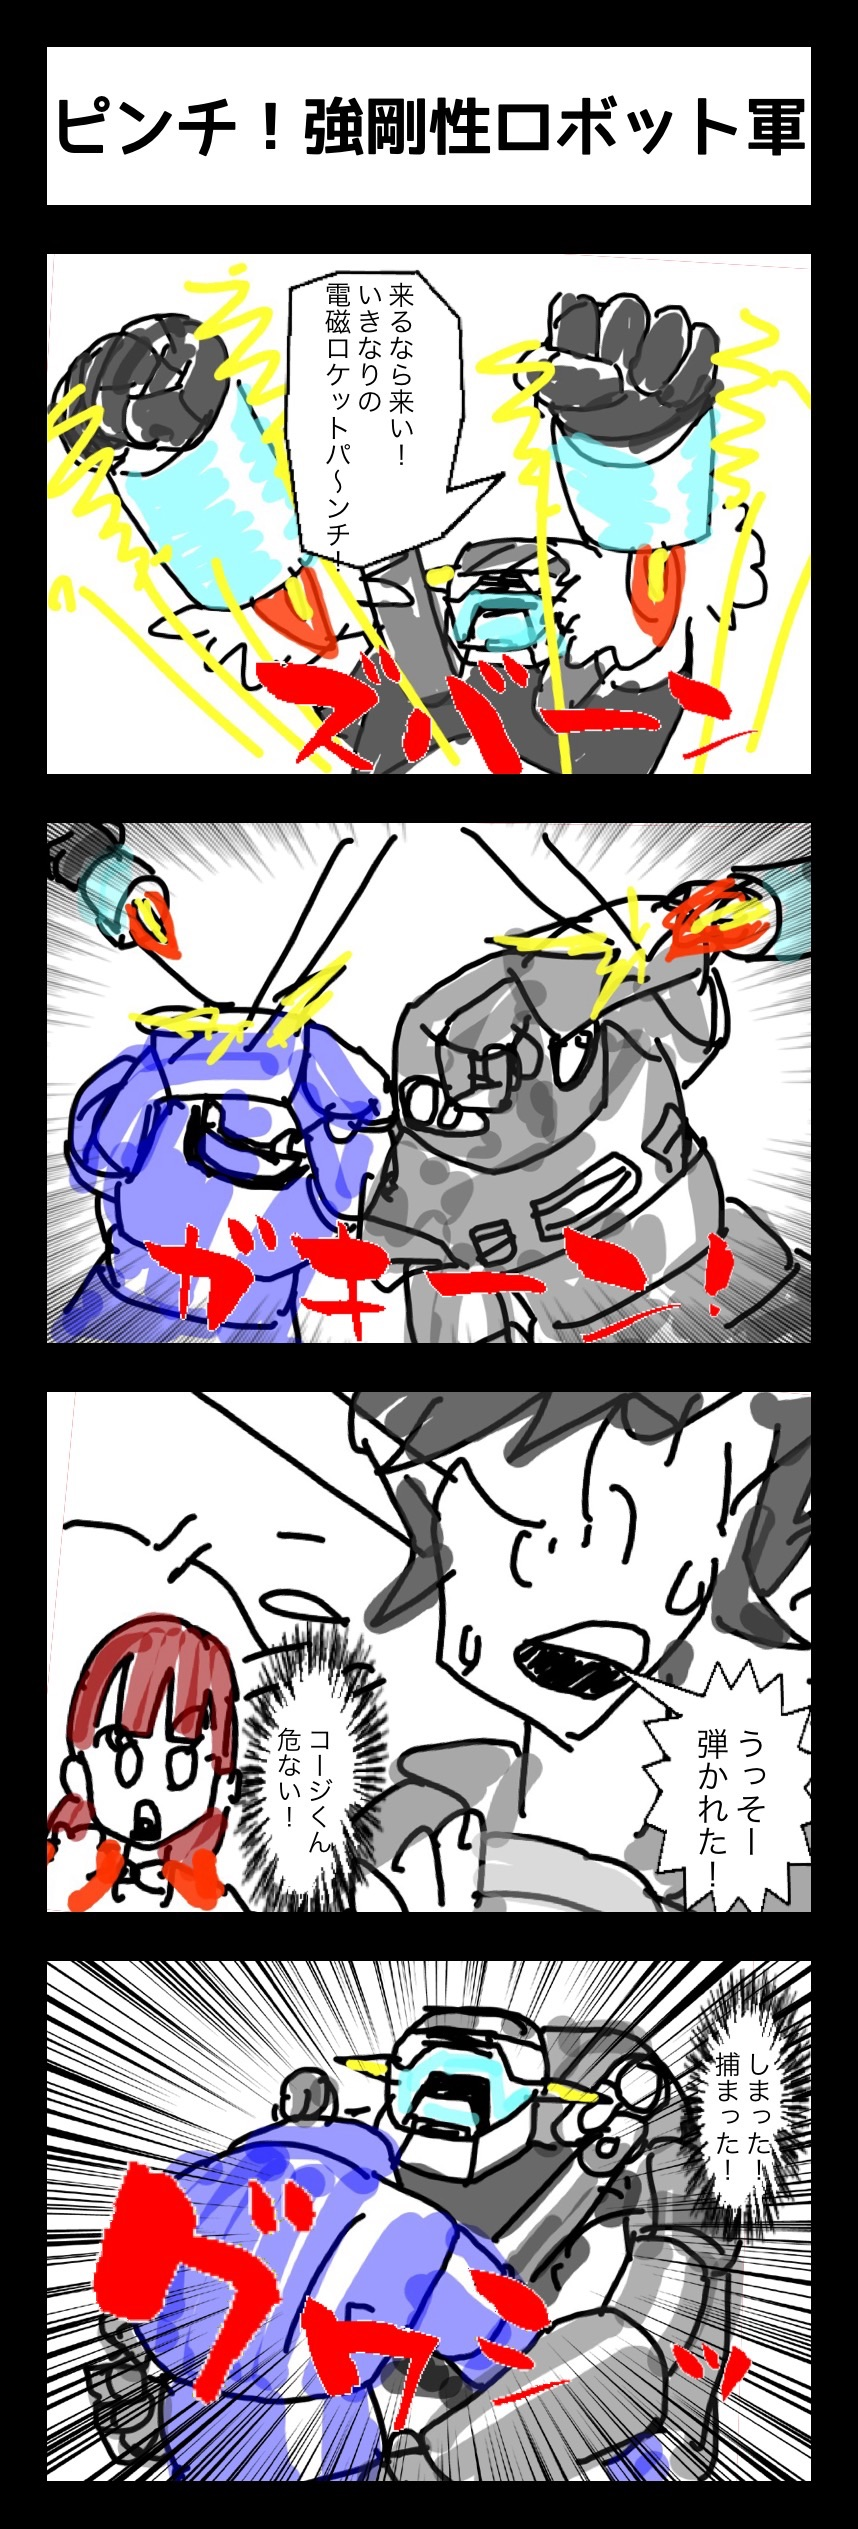 連載4コマ漫画「アトランダーV」